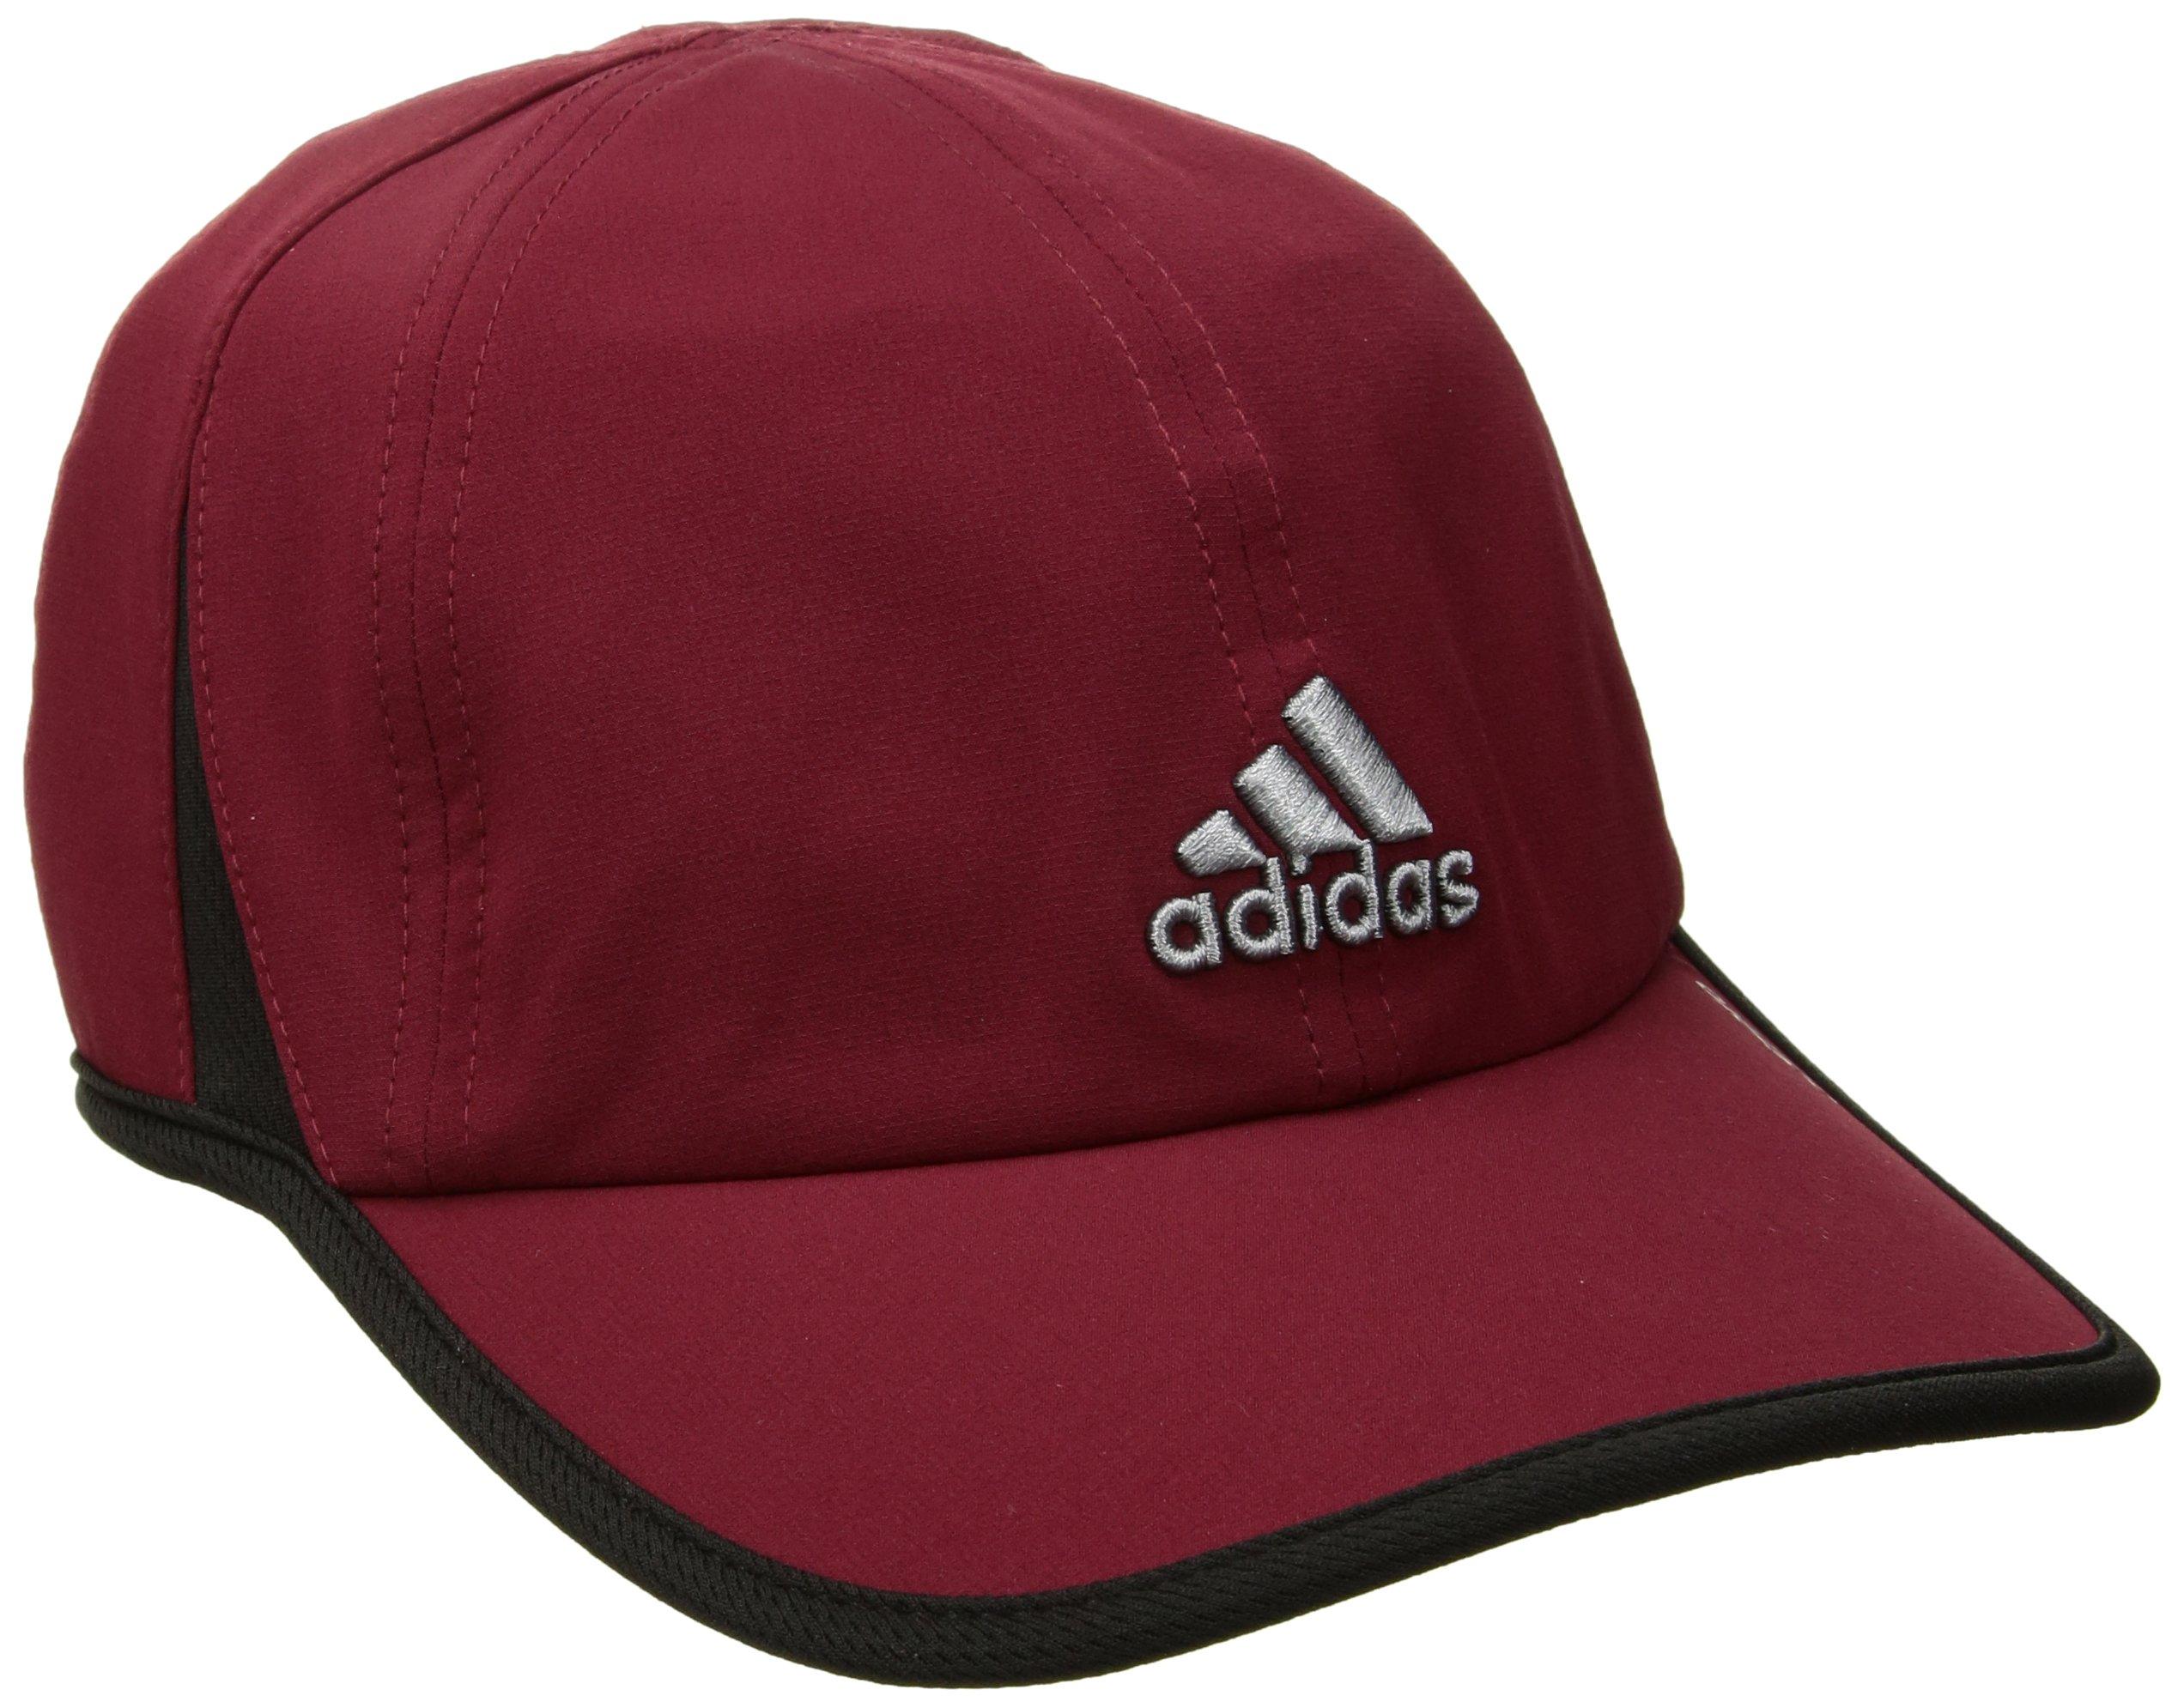 9019aee9b8 Galleon - Adidas Men s Adizero II Cap